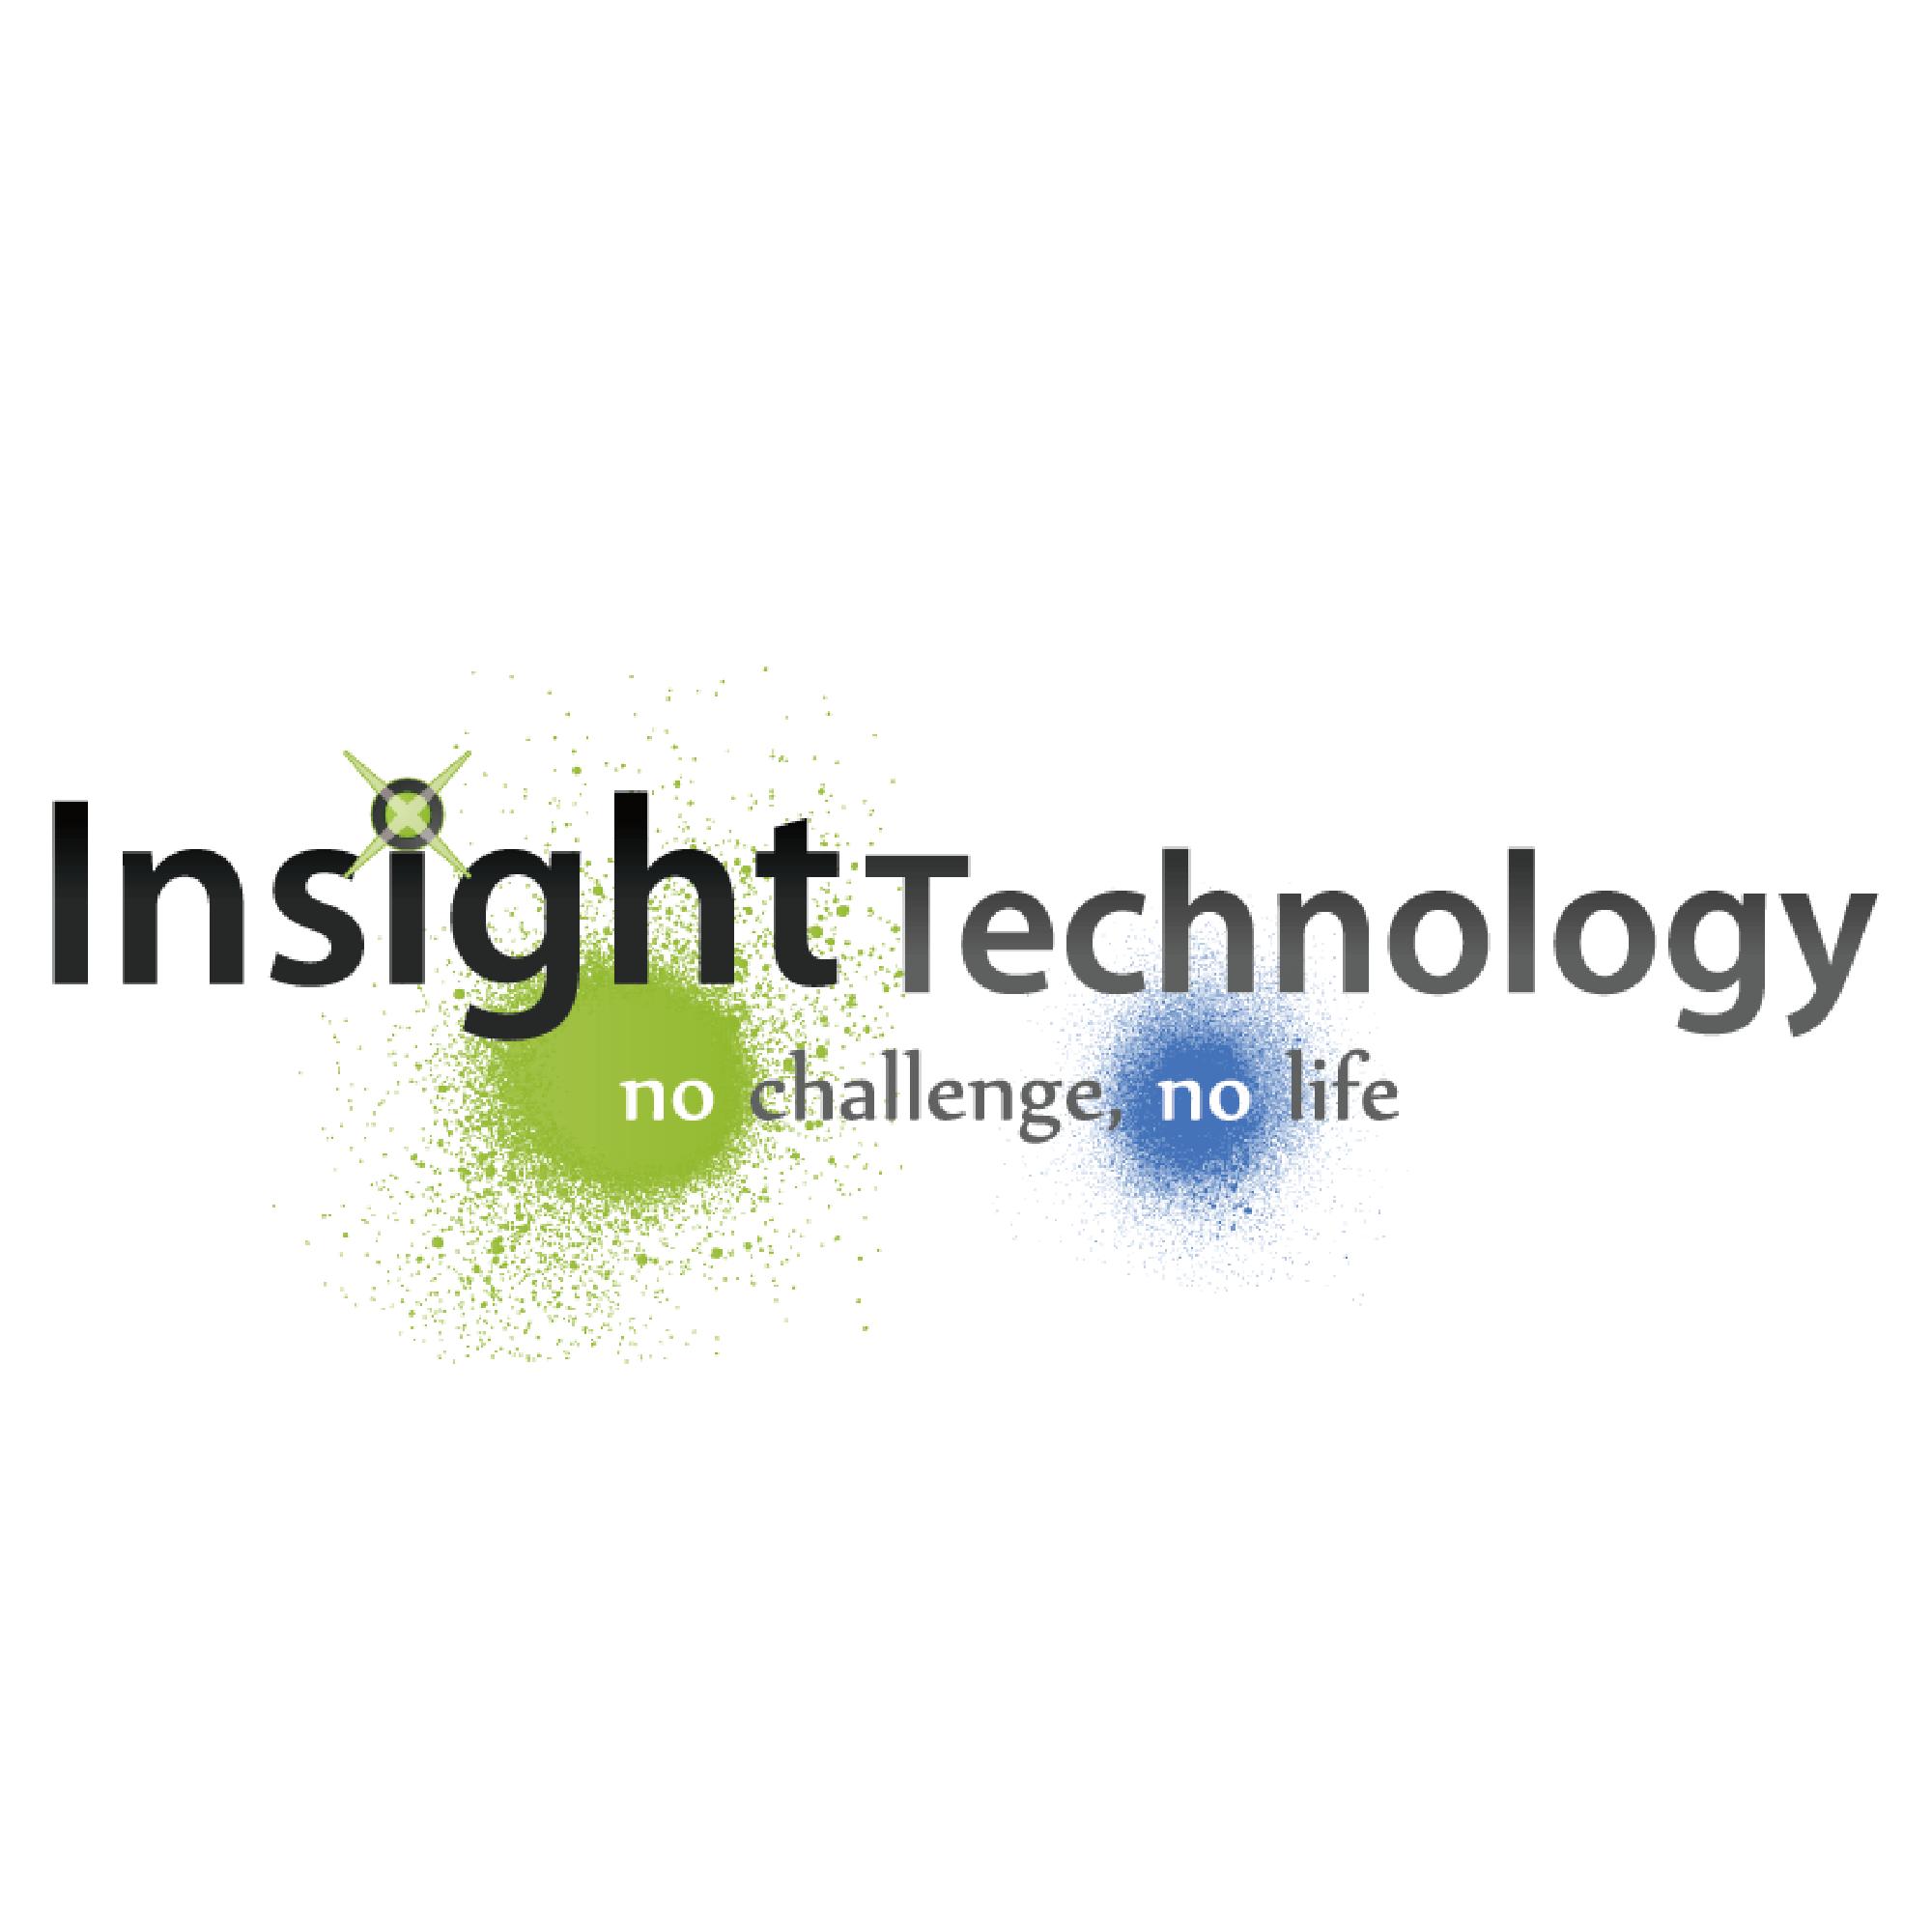 株式会社インサイトテクノロジーのイメージ